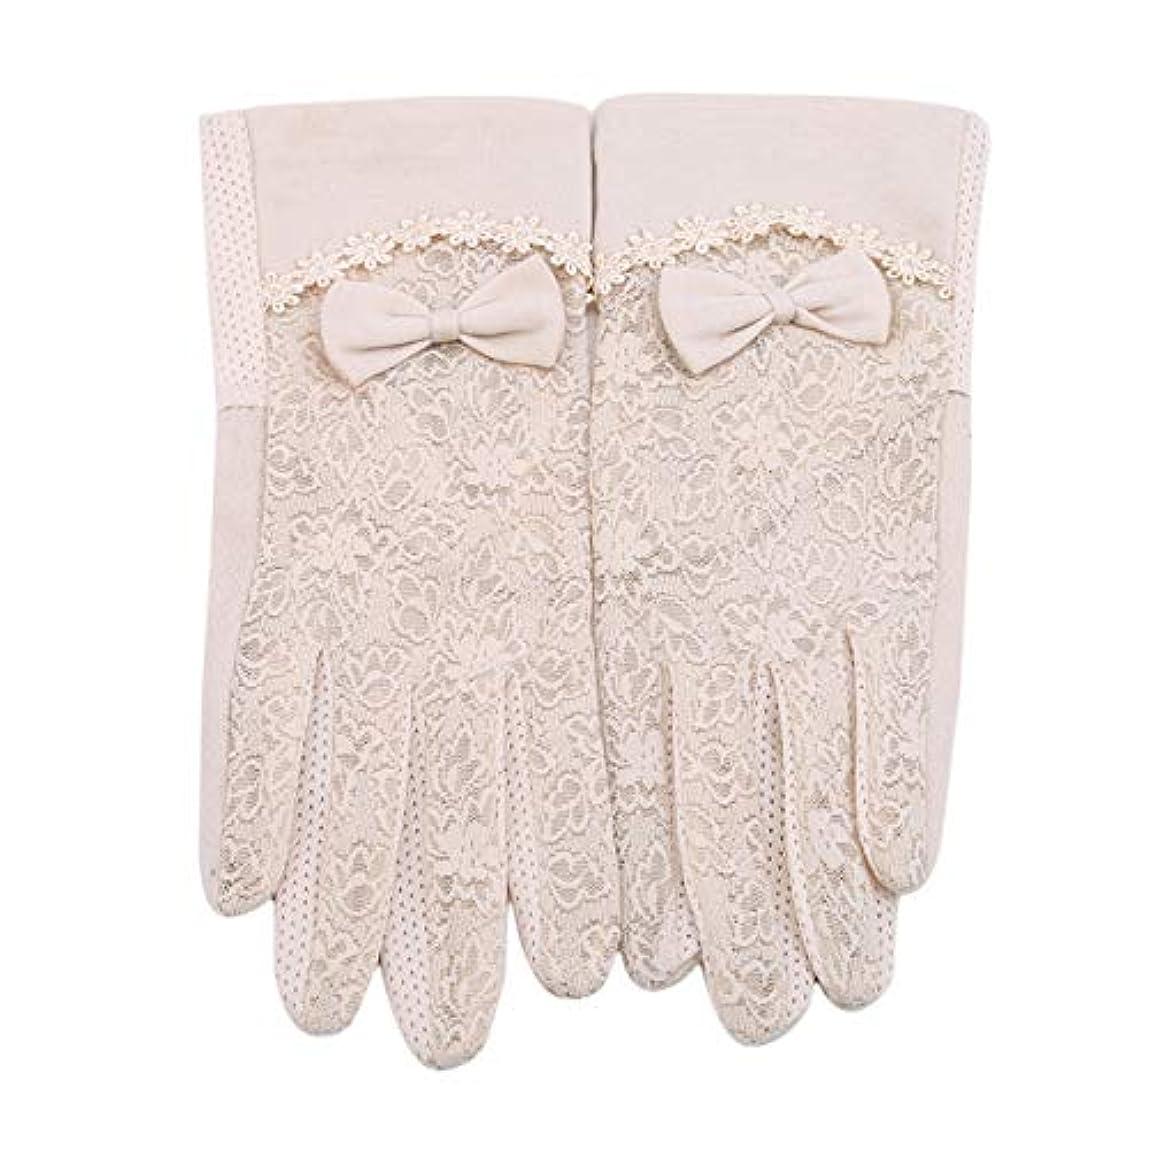 サロン社会配送MODMHB 手袋 UVカット 手触りが良い 紫外線カット 日焼け防止 ハンド ケア 手荒い対策 保湿 保護 抗菌 防臭